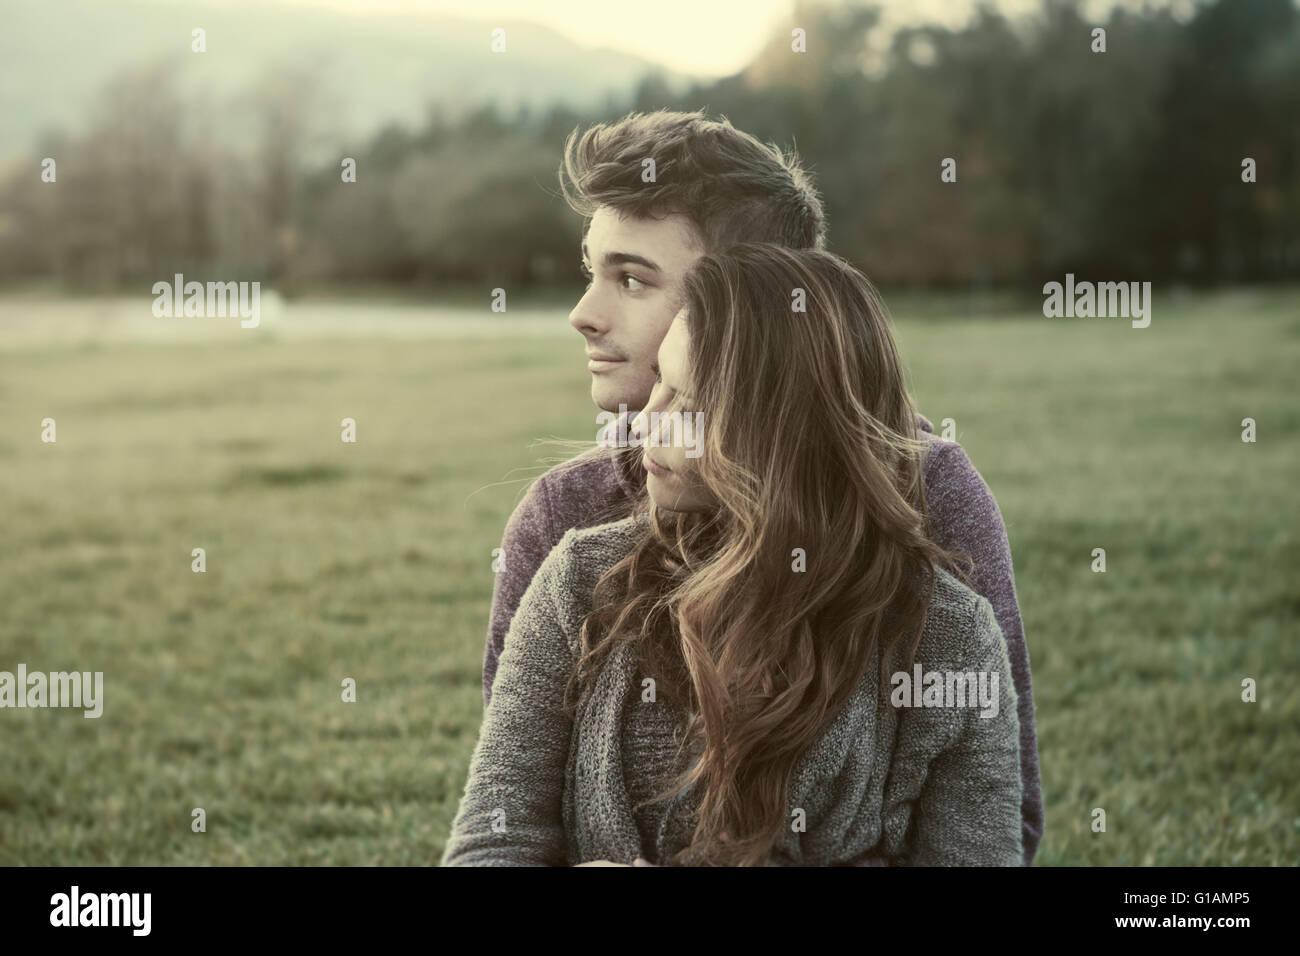 Los jóvenes adolescentes al aire libre, sentados en el césped y caricias, él está abrazando Imagen De Stock